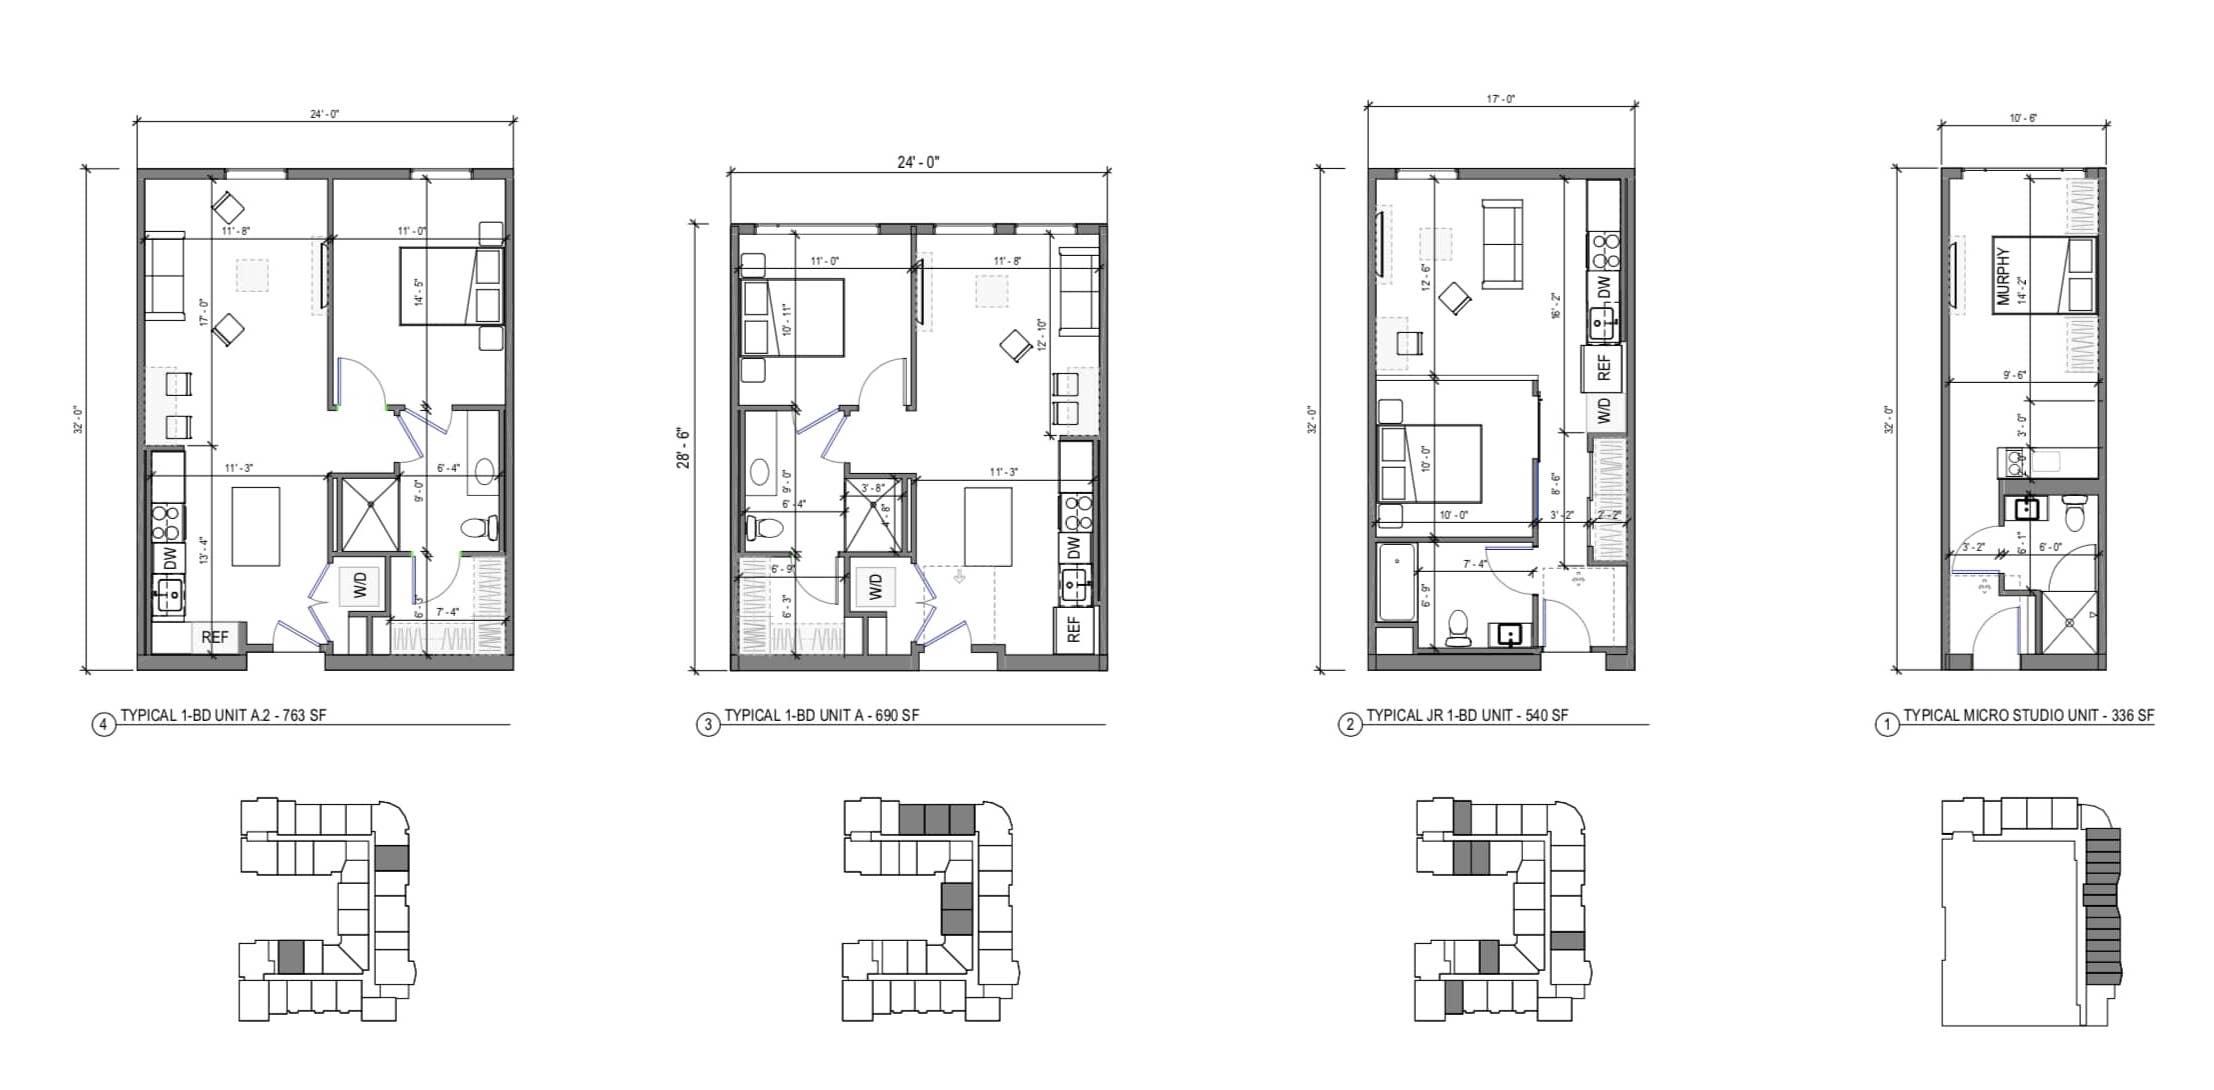 2225 Calle De Luna and 2232 Calle Del Mundo Unit Plans